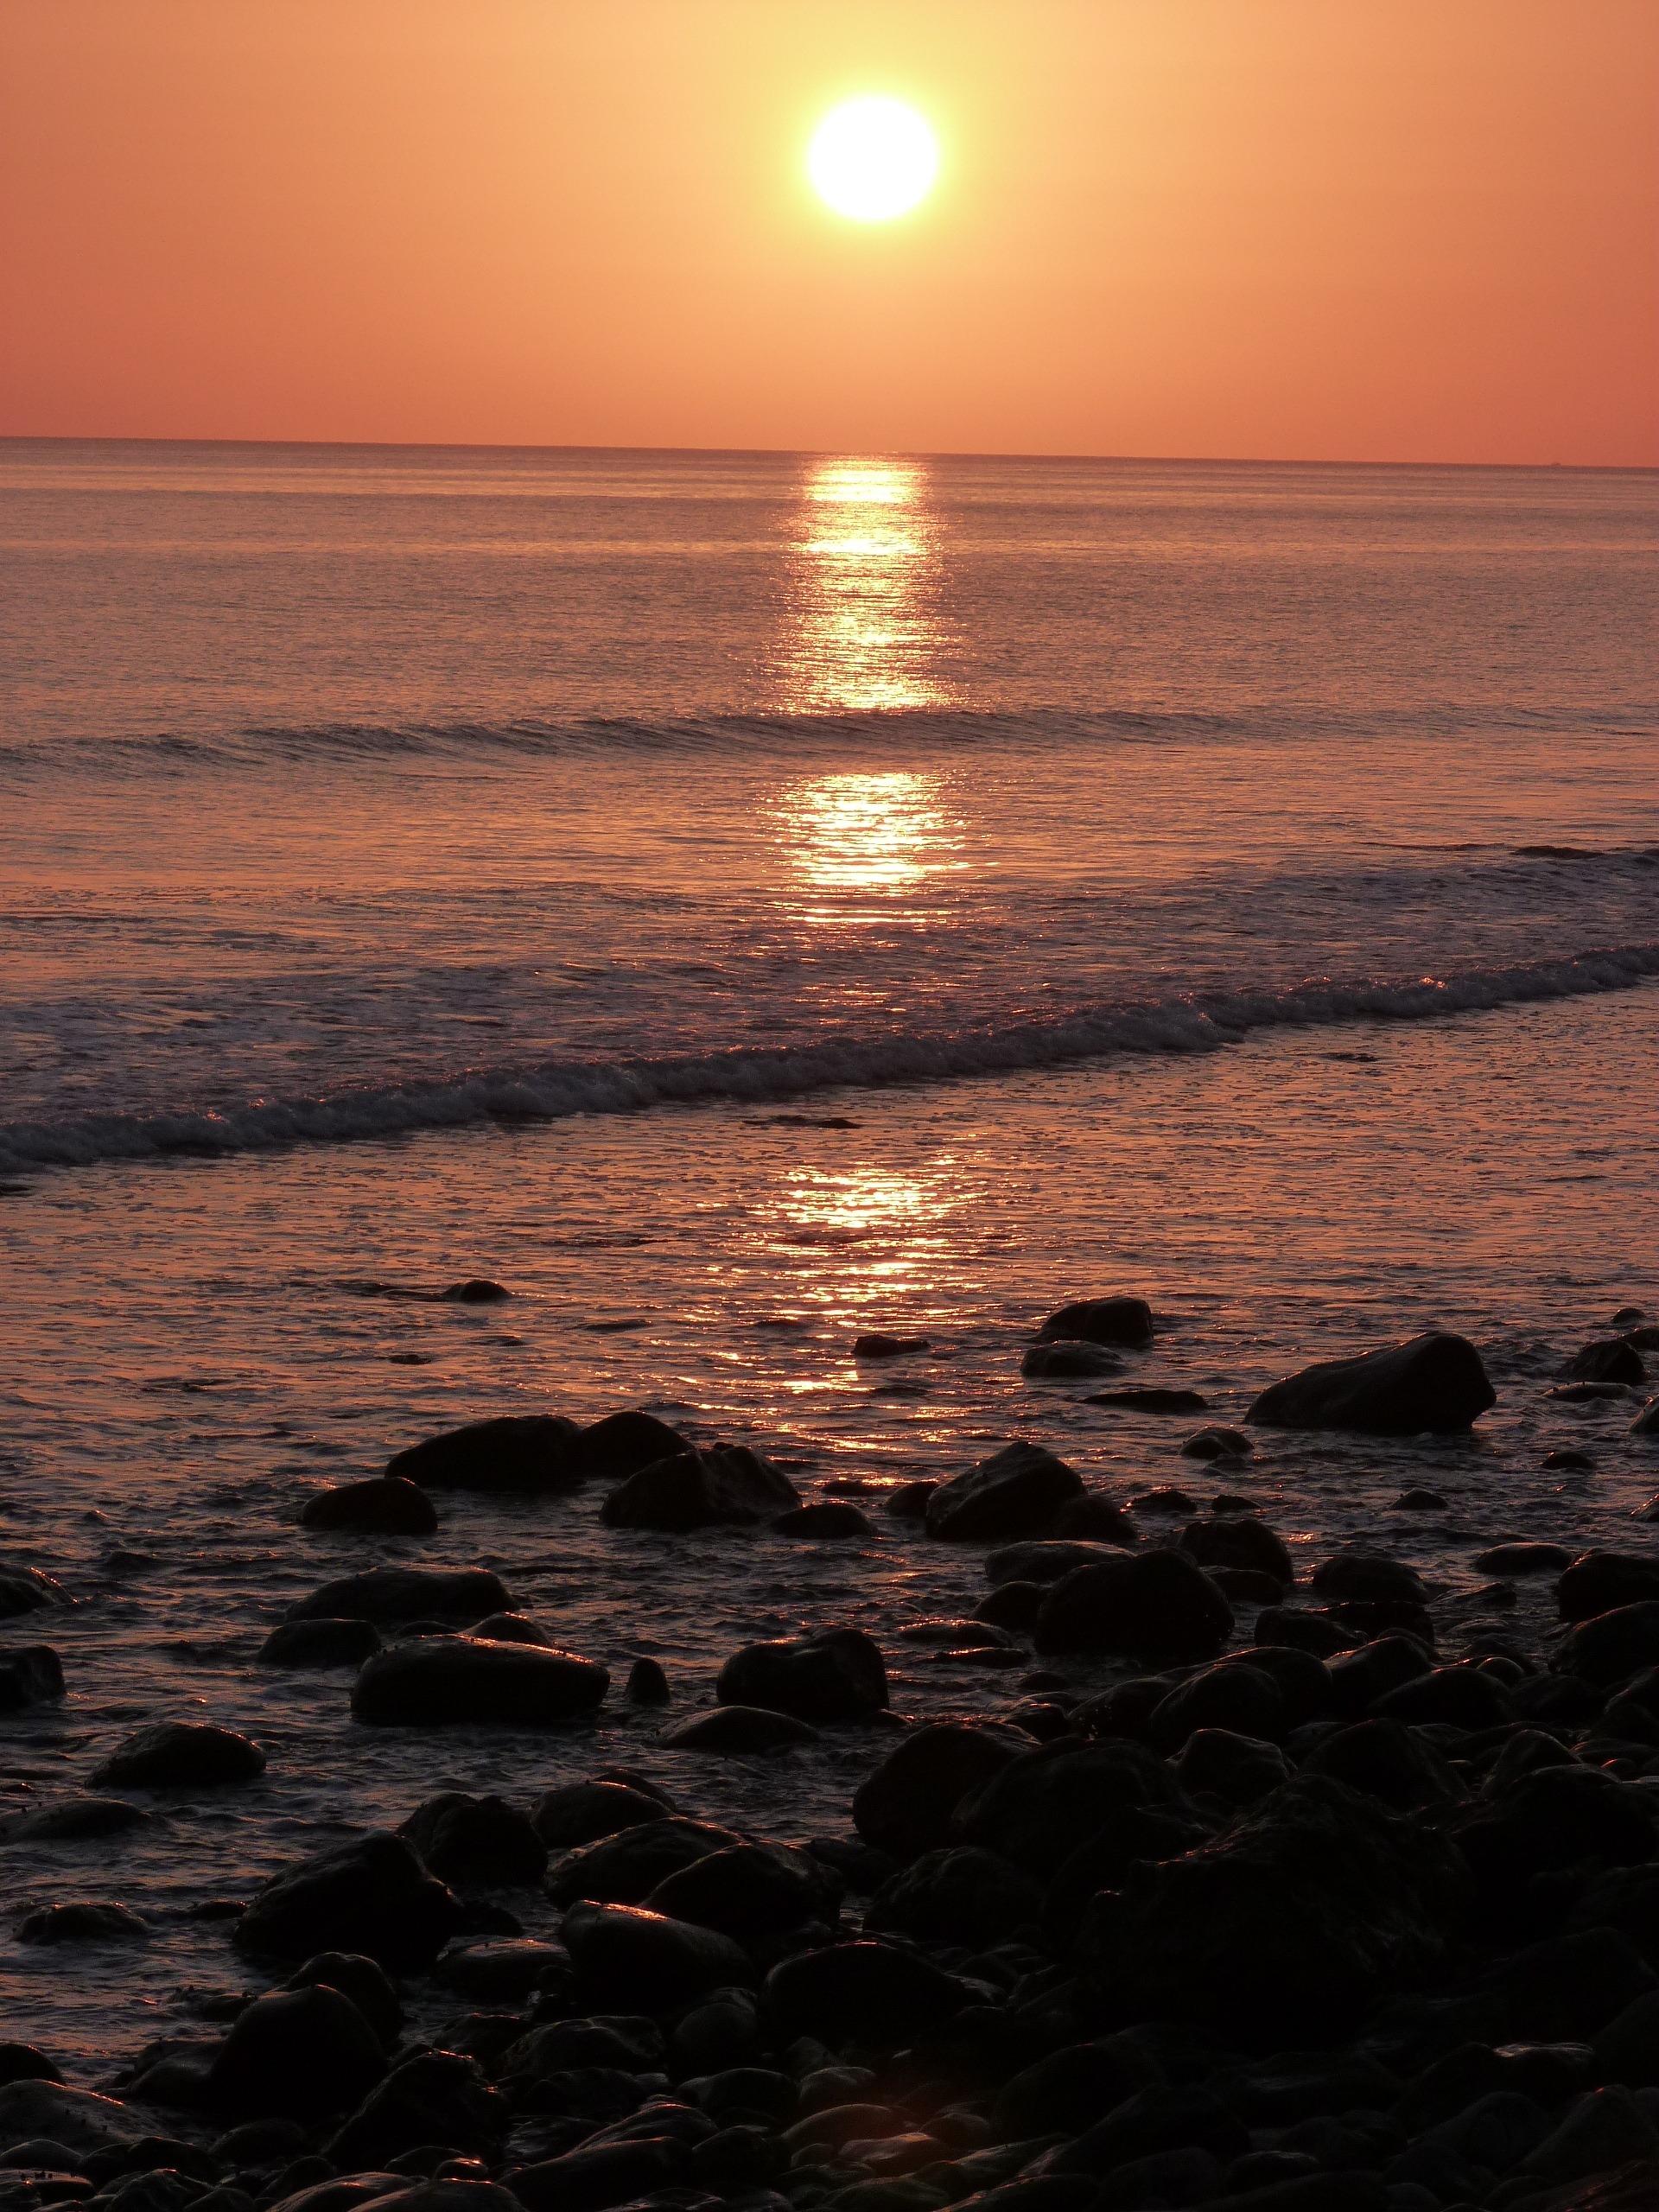 модели предусмотрена пляж берег закат живые картинки дело малым, определяемся